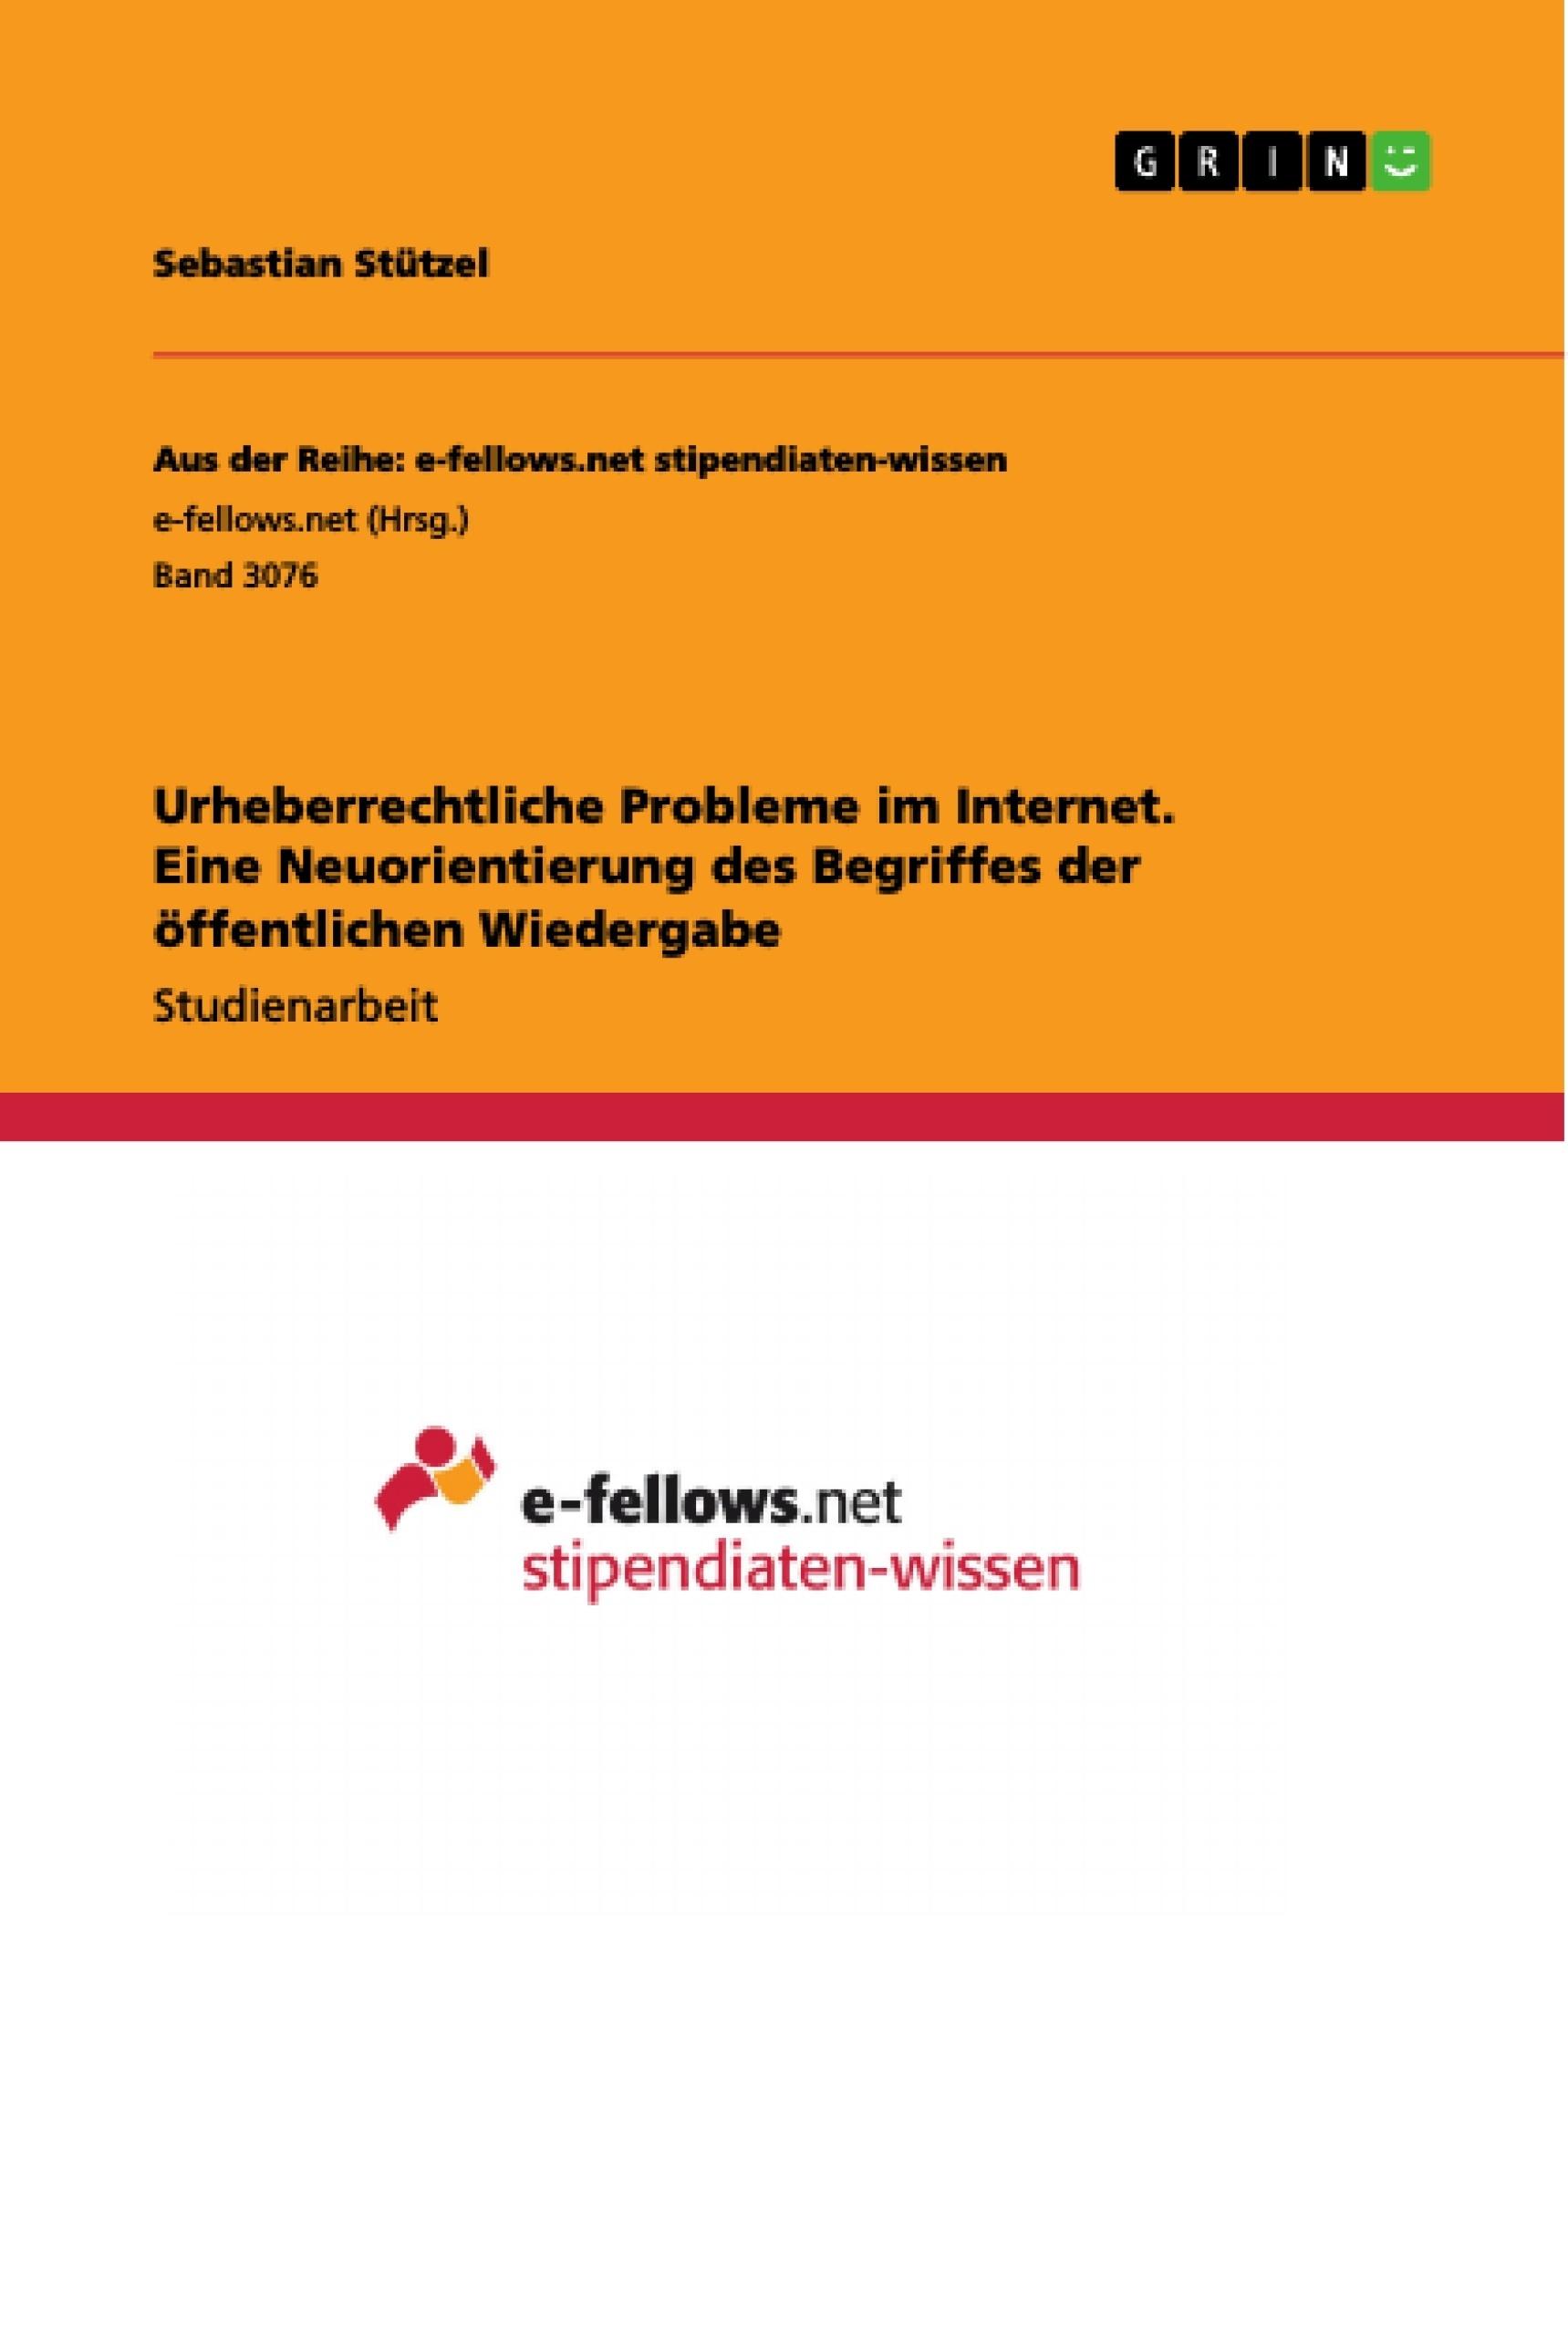 Titel: Urheberrechtliche Probleme im Internet. Eine Neuorientierung des Begriffes der öffentlichen Wiedergabe